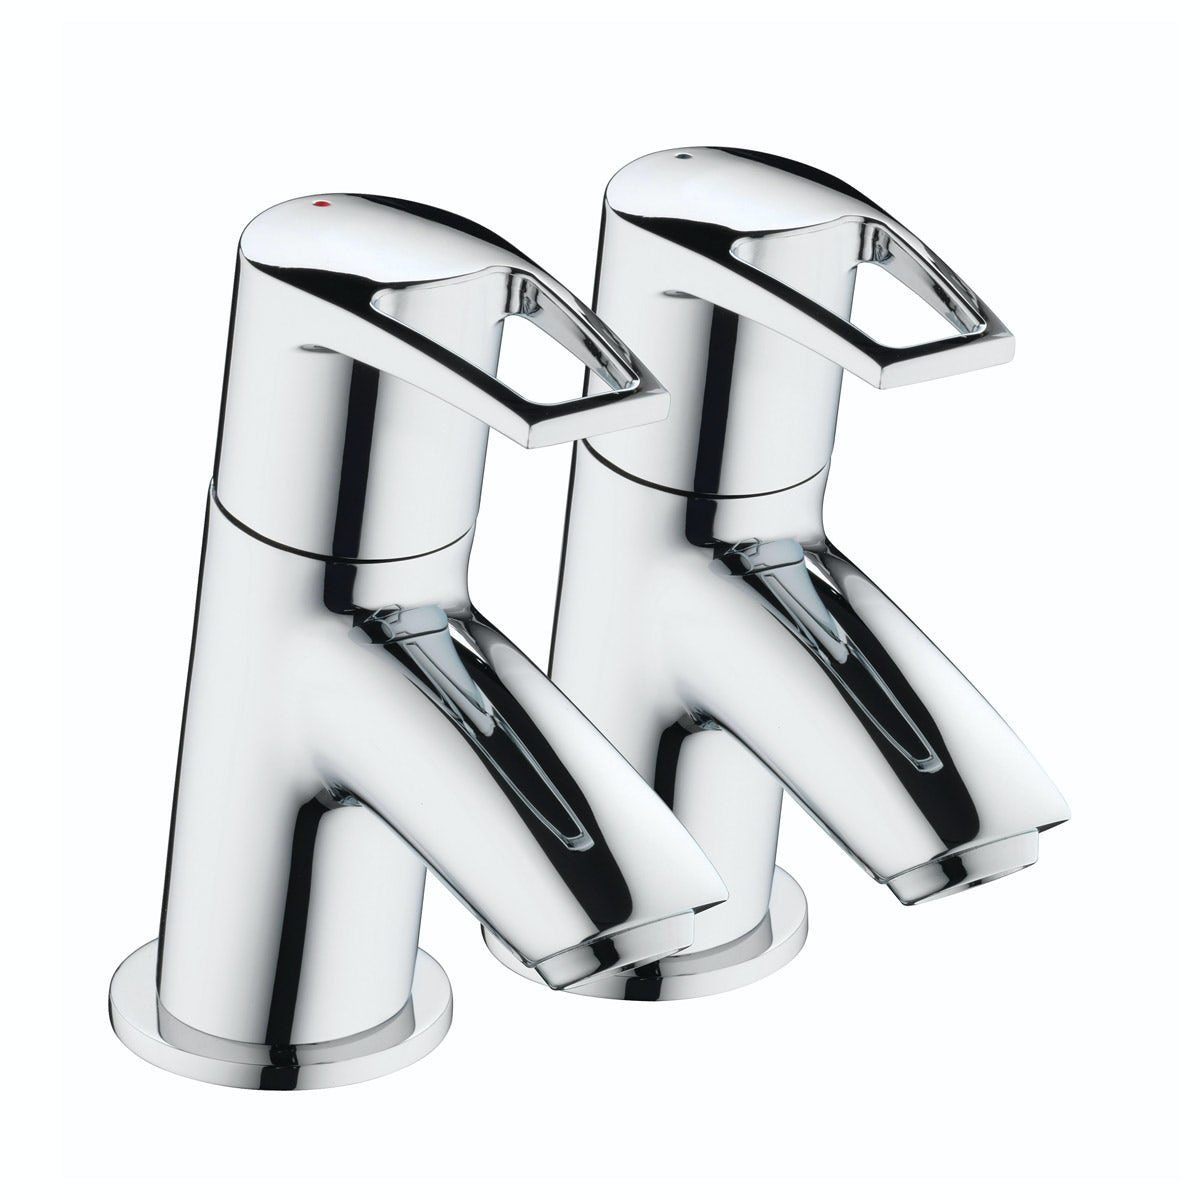 Bristan Smile bath taps